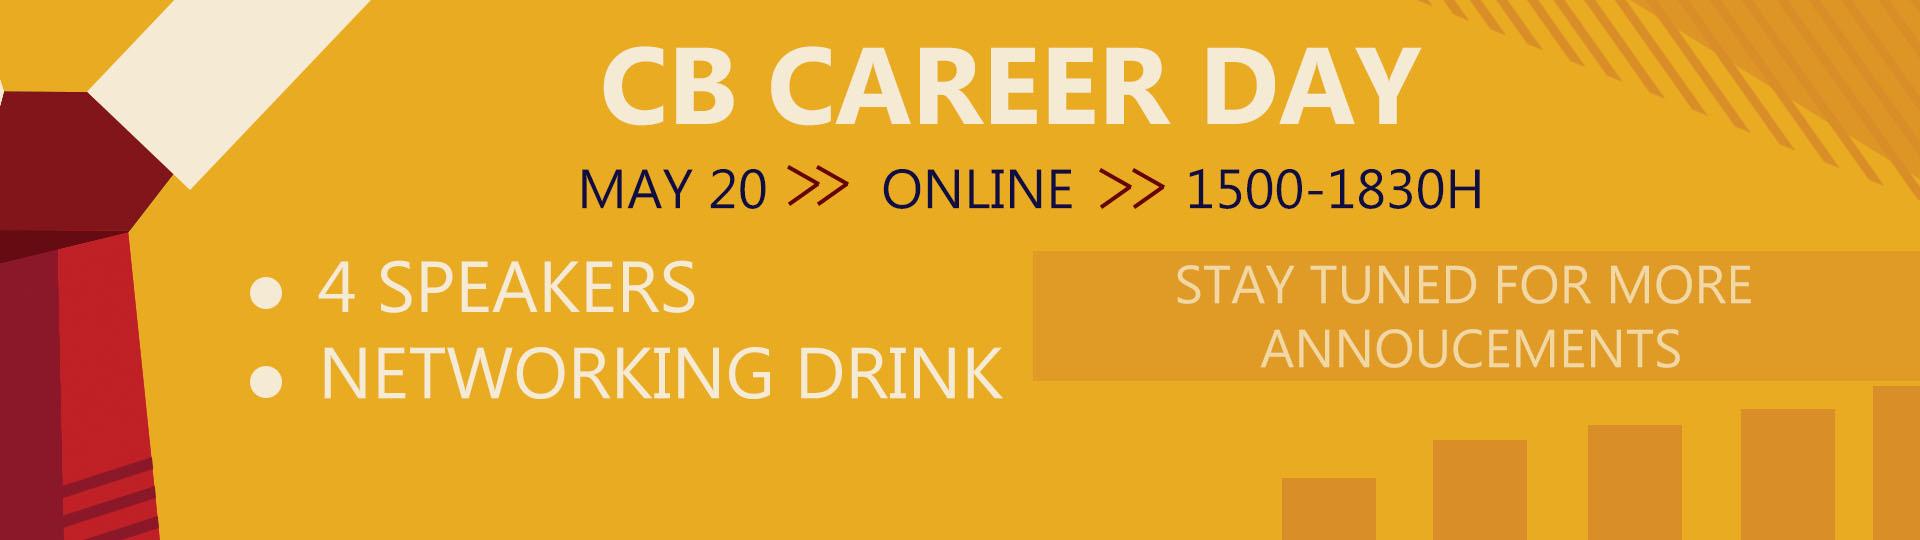 CB Career Day 2021